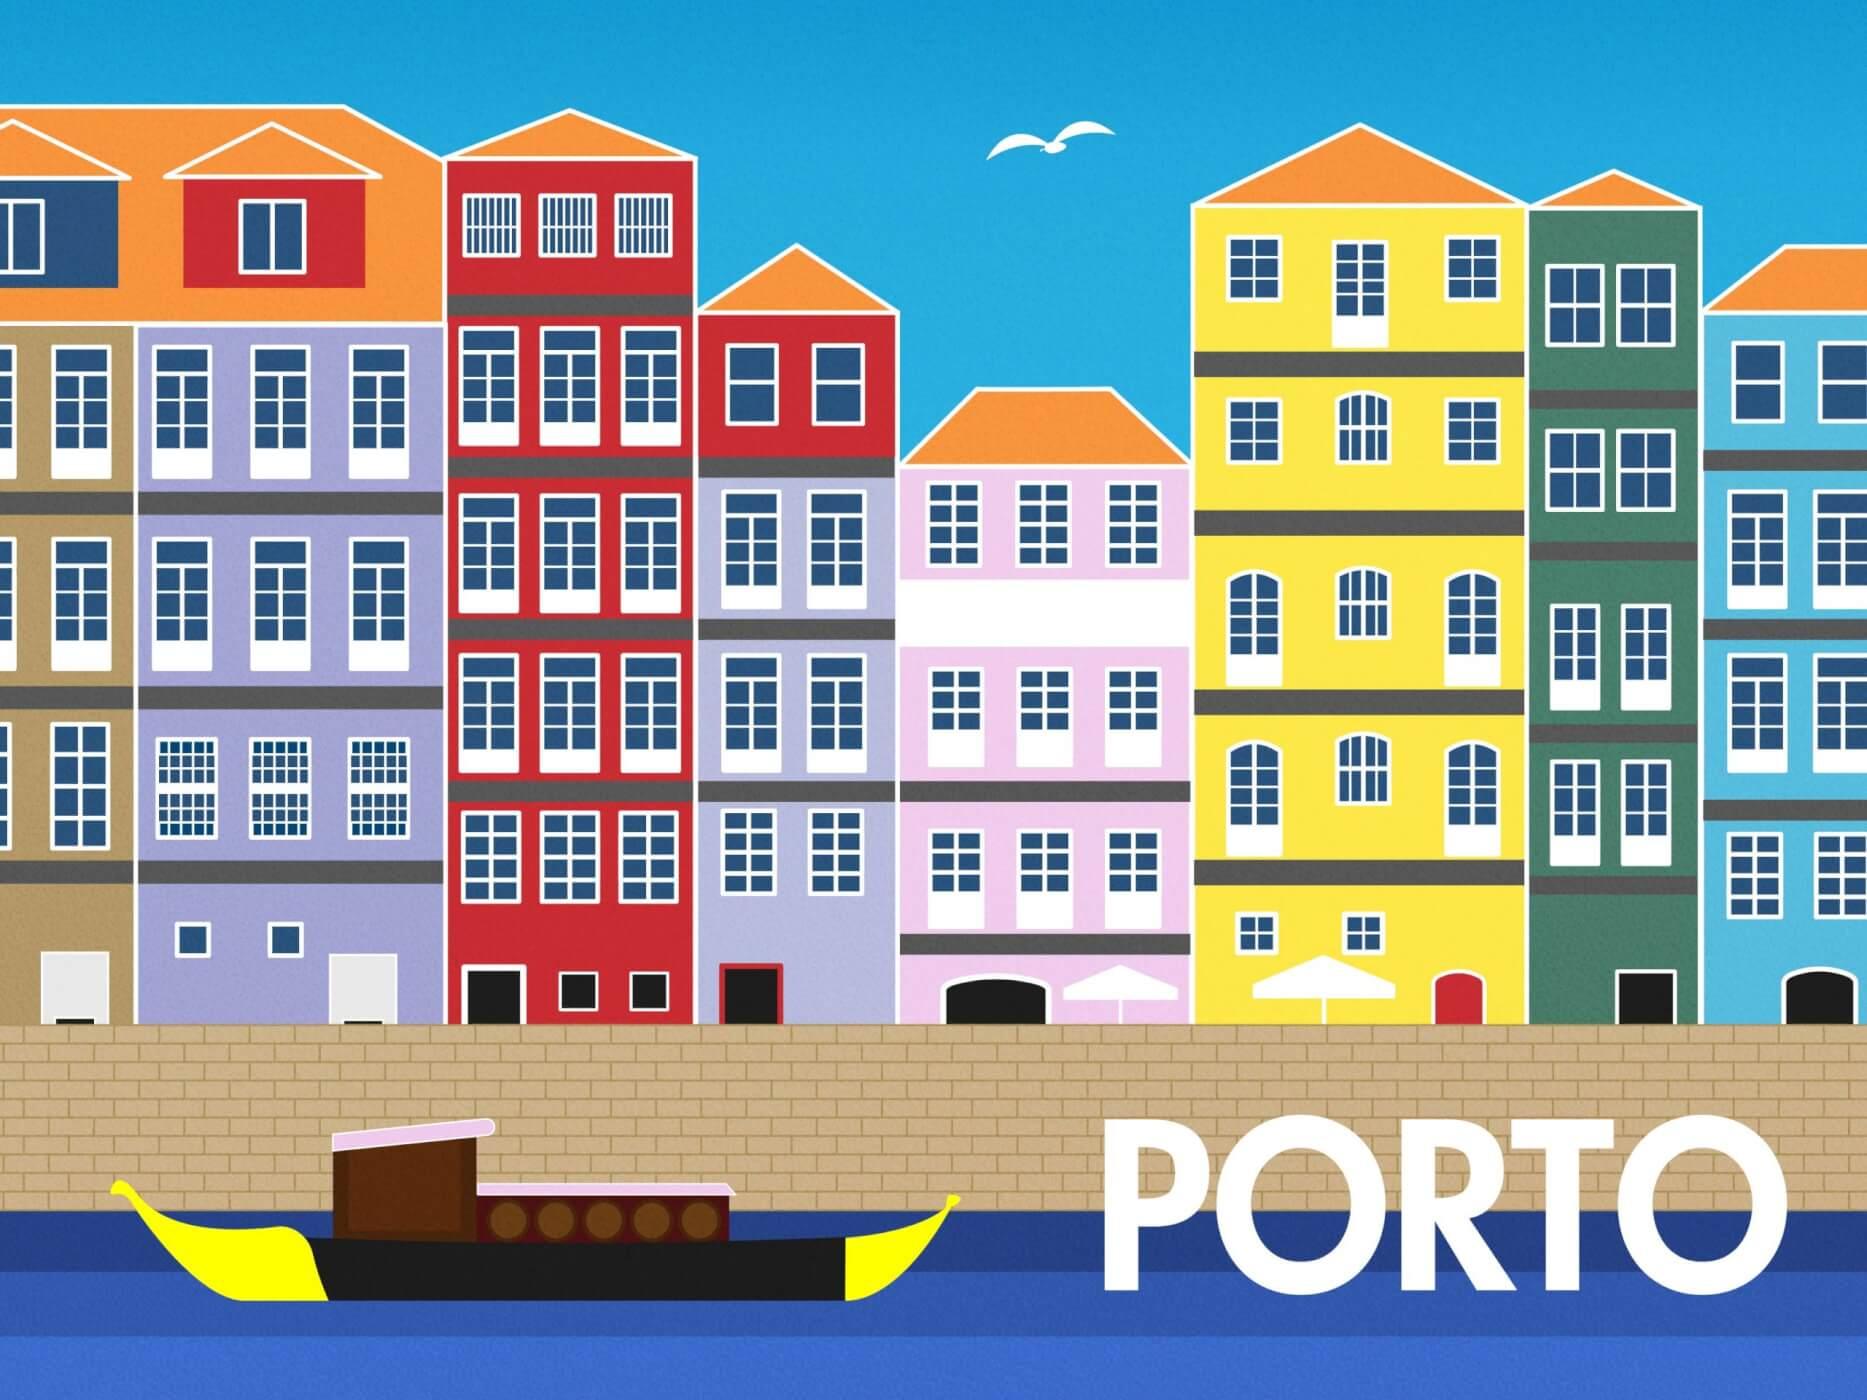 Porto_Jezovic